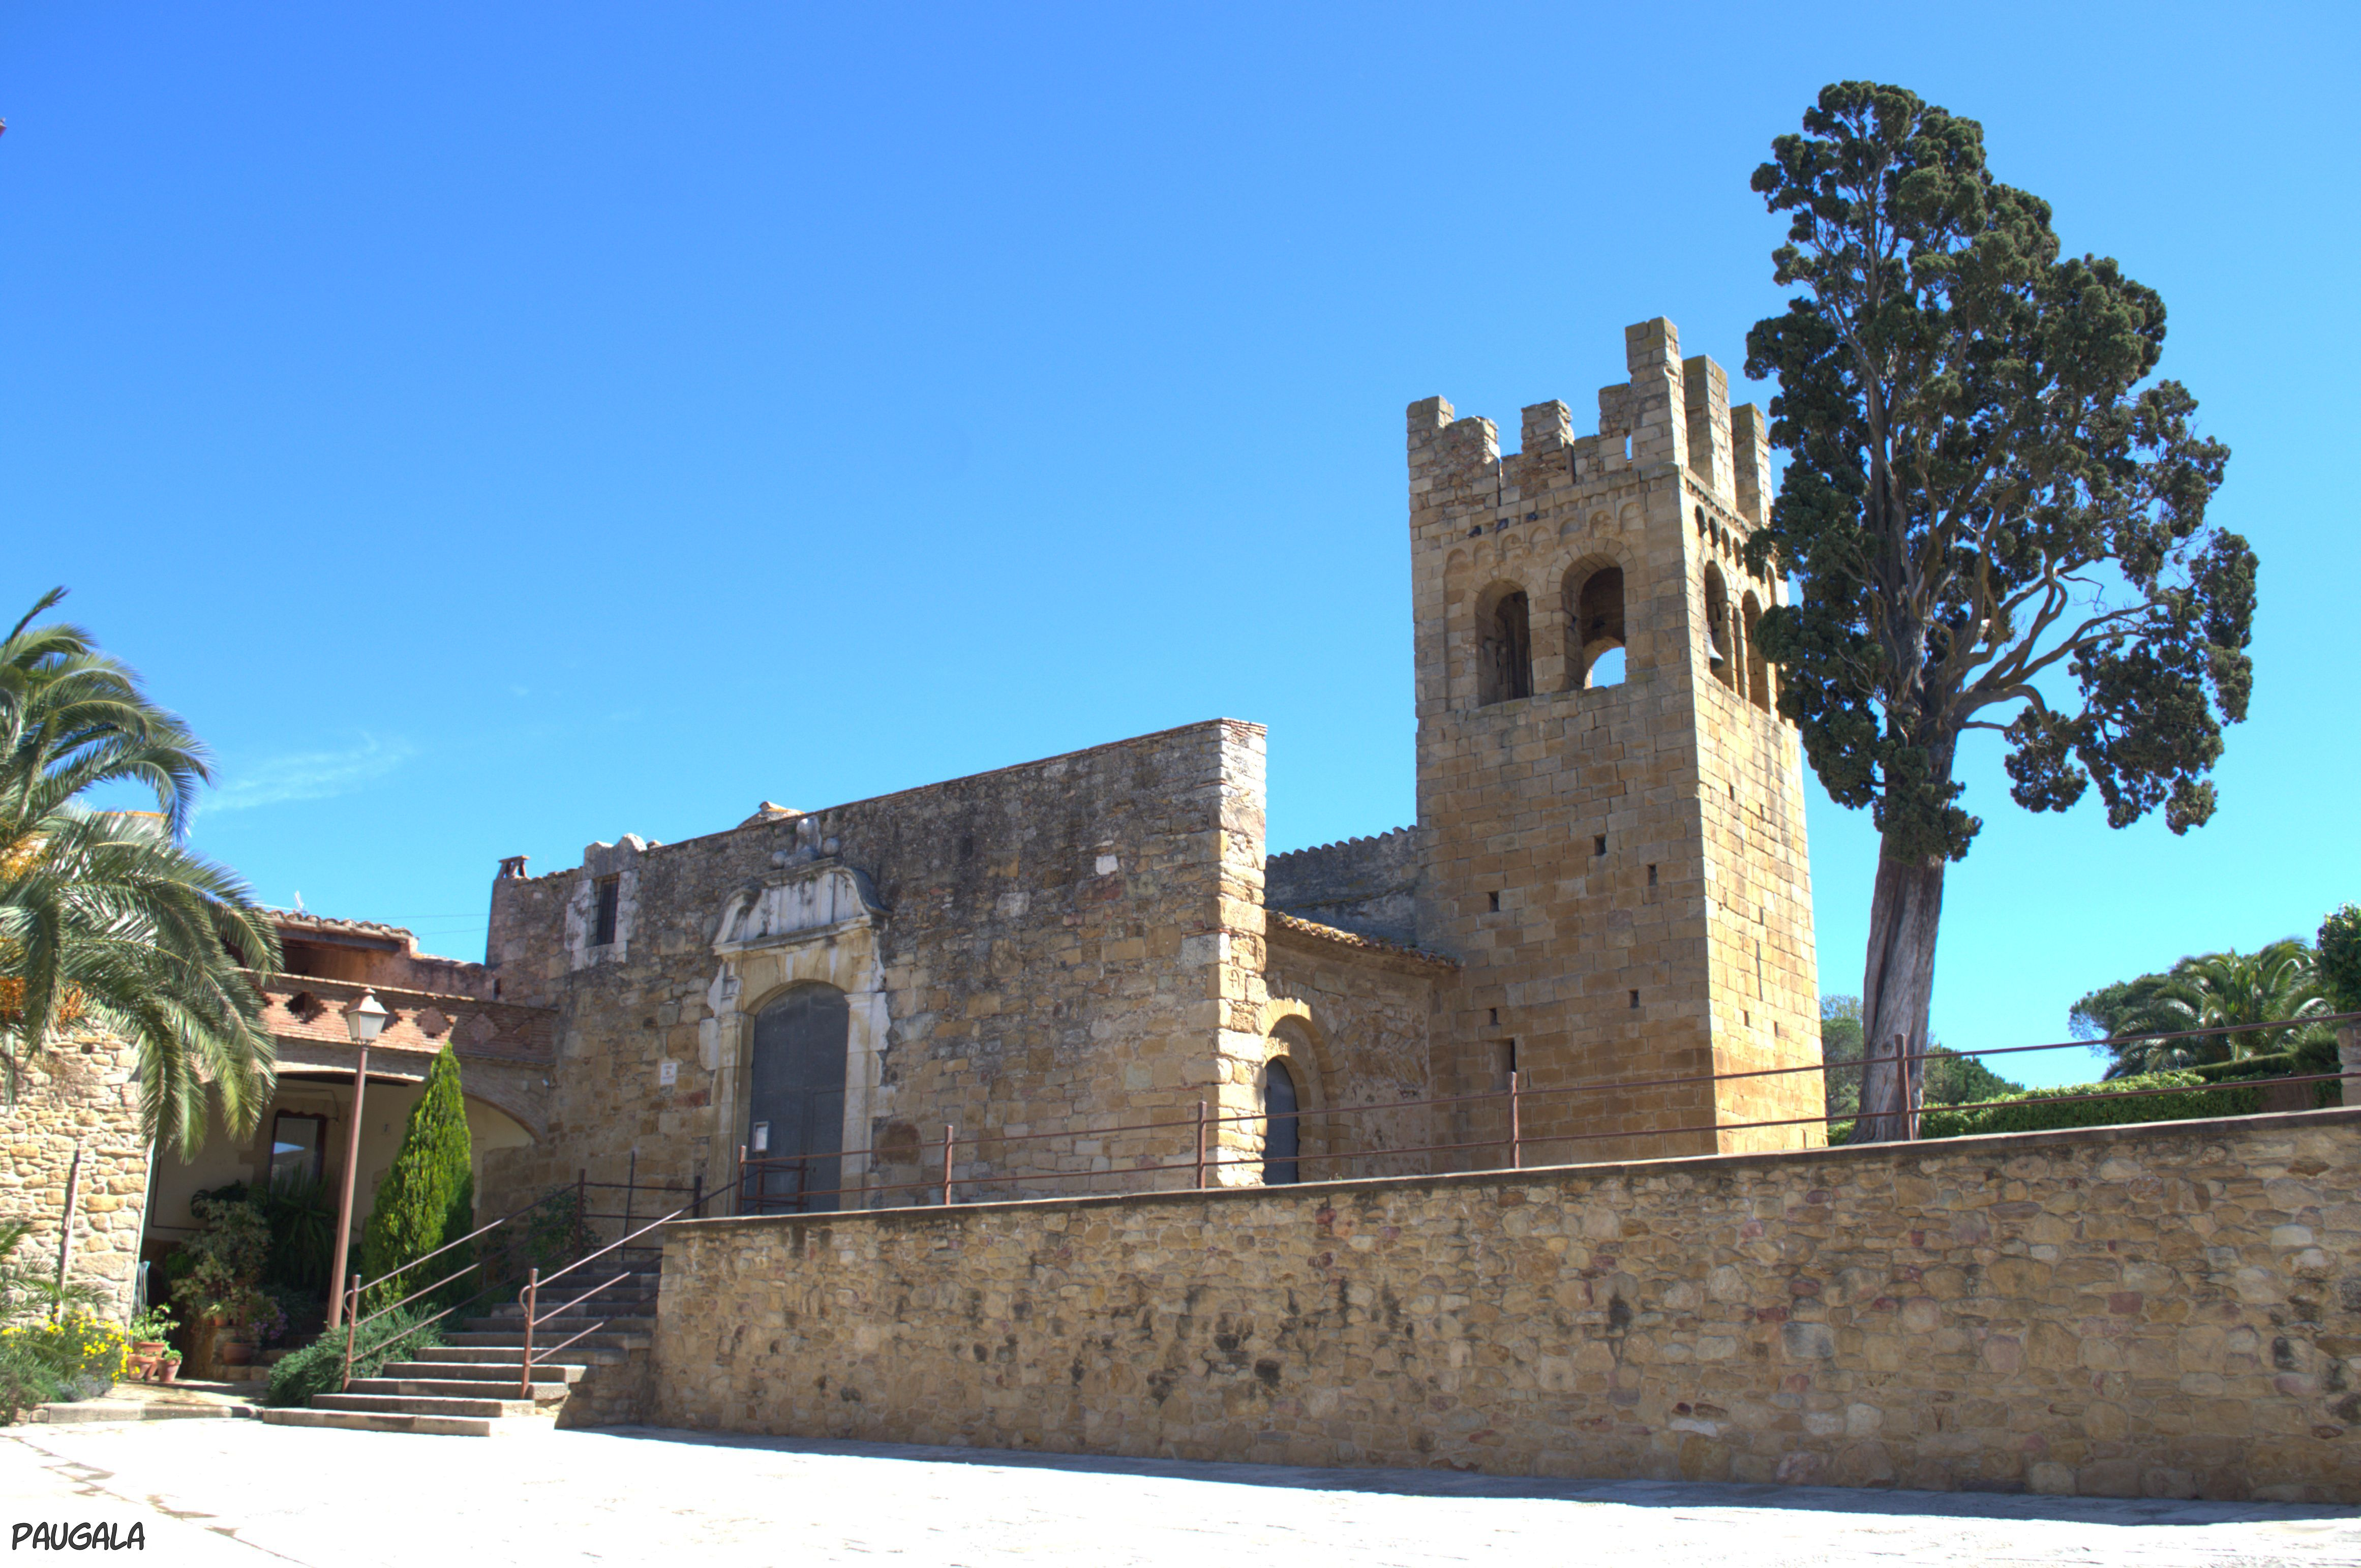 La iglesia de Sant Esteve de Canapost, consta de dos plantas una prerománica de los siglos IX - X y otra románica del siglo XI la torre campanario románica de estilo lombardo es del siglo XII. Canapost. Girona